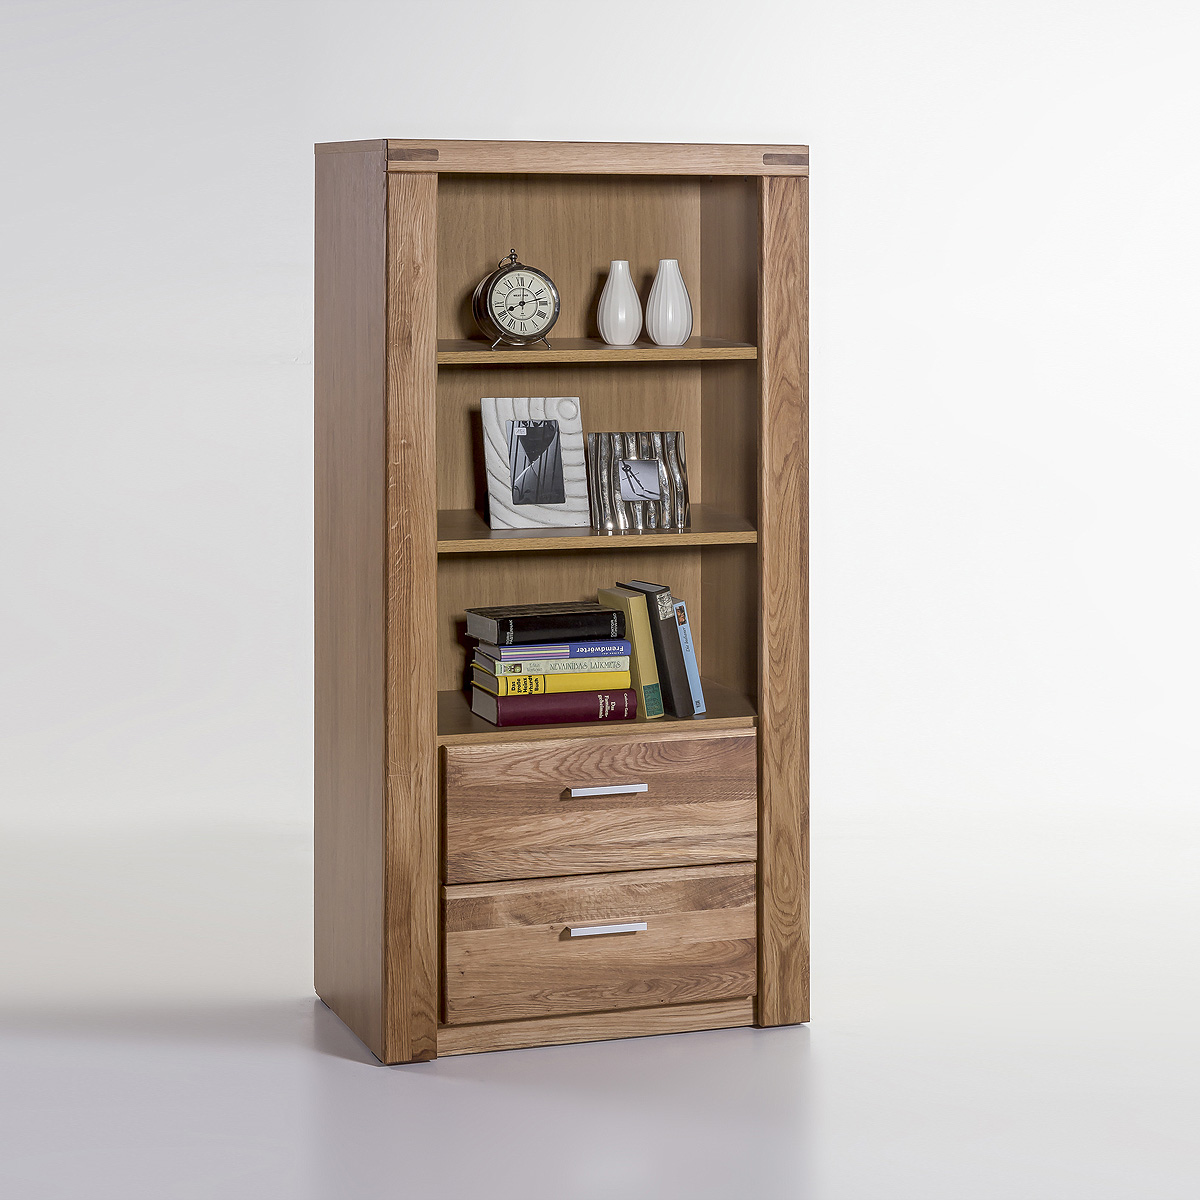 regal tabea b cherregal wohnzimmerregal in kernbuche oder wildeiche teil massiv ebay. Black Bedroom Furniture Sets. Home Design Ideas